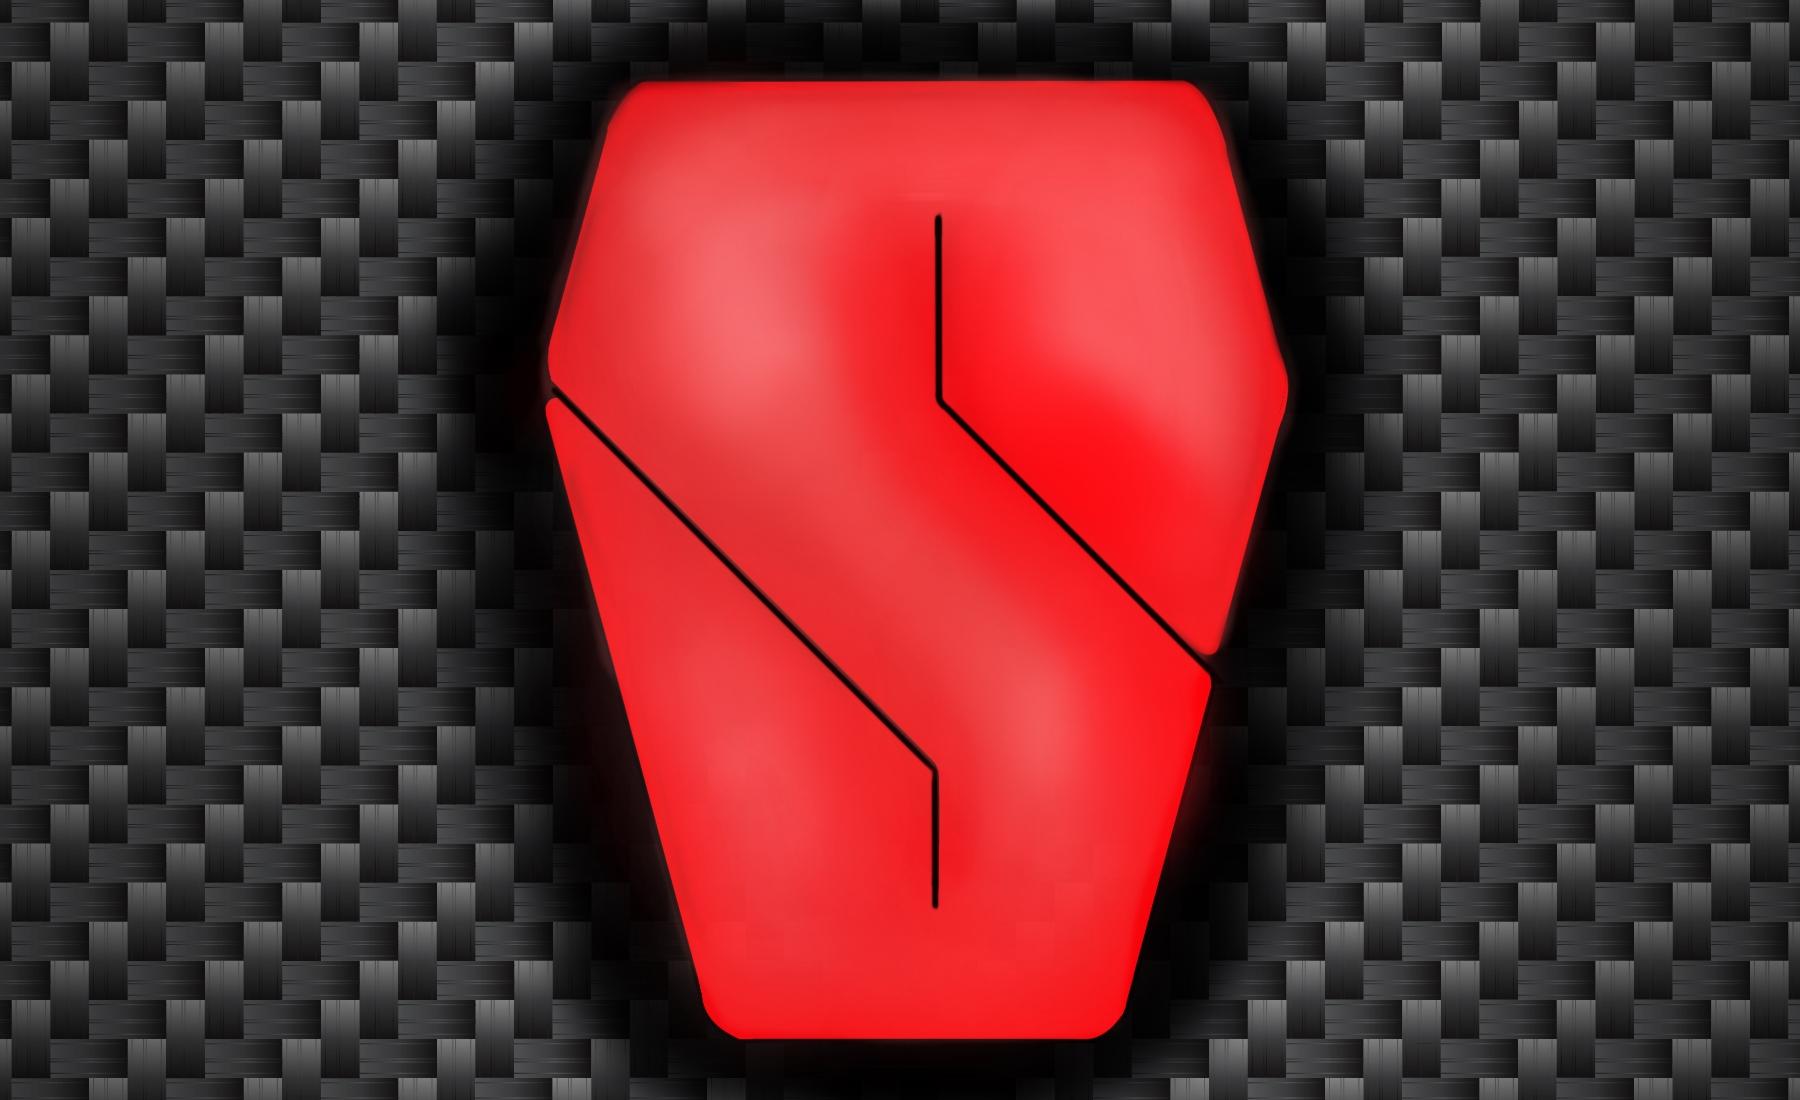 Разработать логотип для вездехода фото f_0825f880f35c62db.jpg